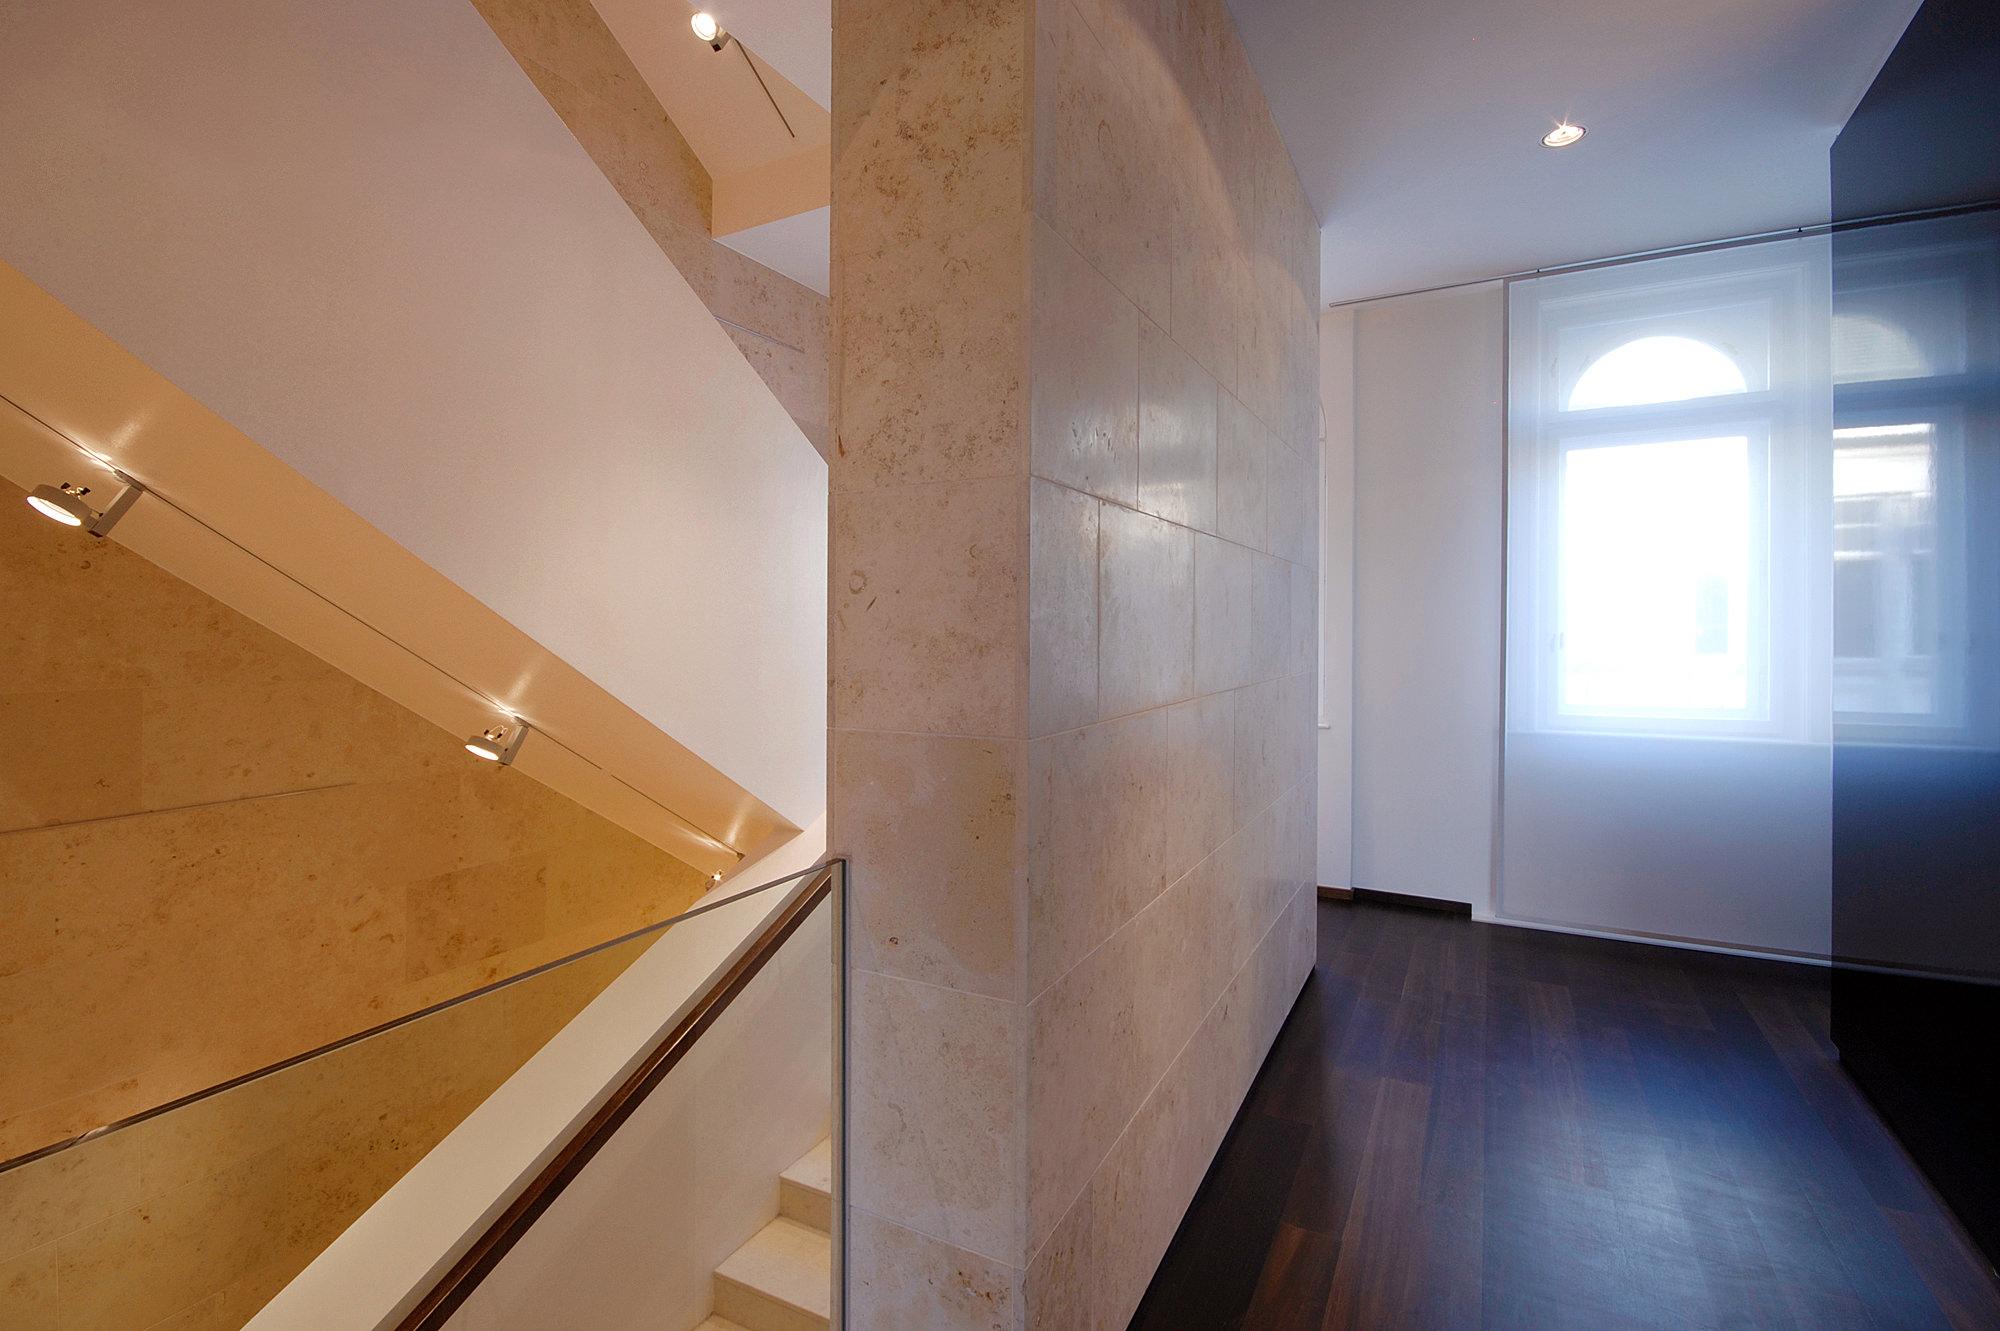 penthouse_wien_1_08_umbau_und_dachausbau_1010_wien_junger_beer_architektur